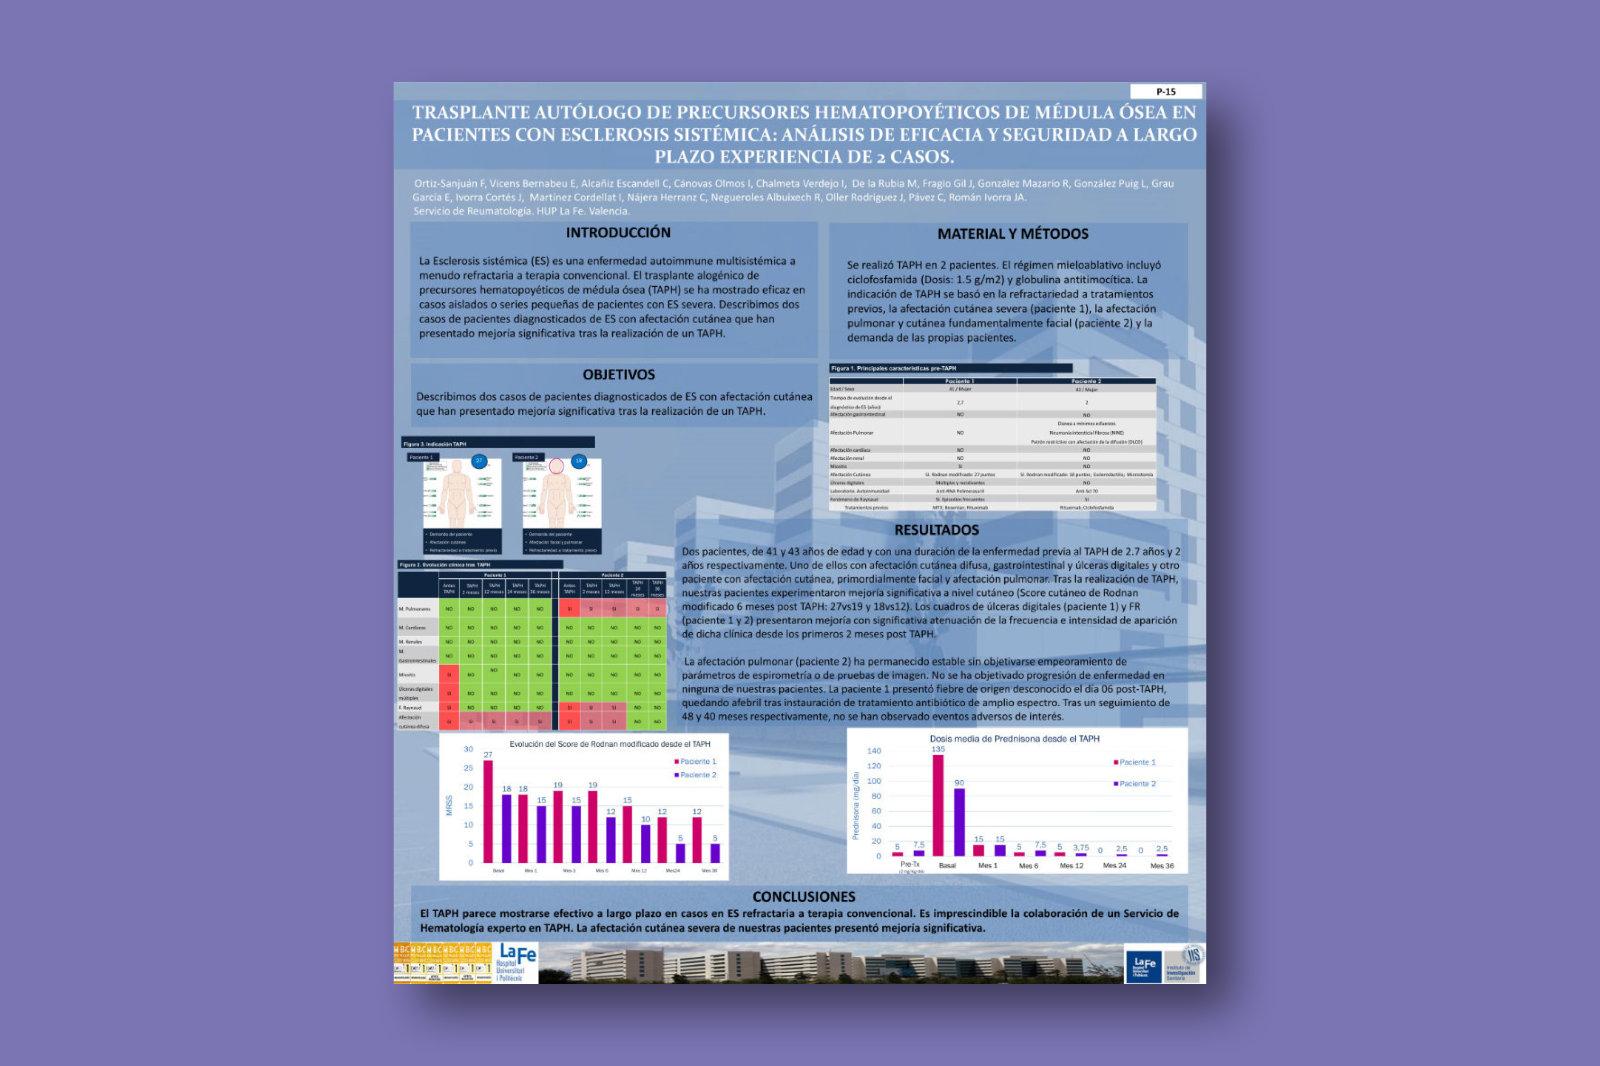 Trasplante autólogo de precursores hematopoyéticos de médula ósea en pacientes con esclerosis sistémica: análisis de eficacia y seguridad a largo plazo experiencia de 2 casos